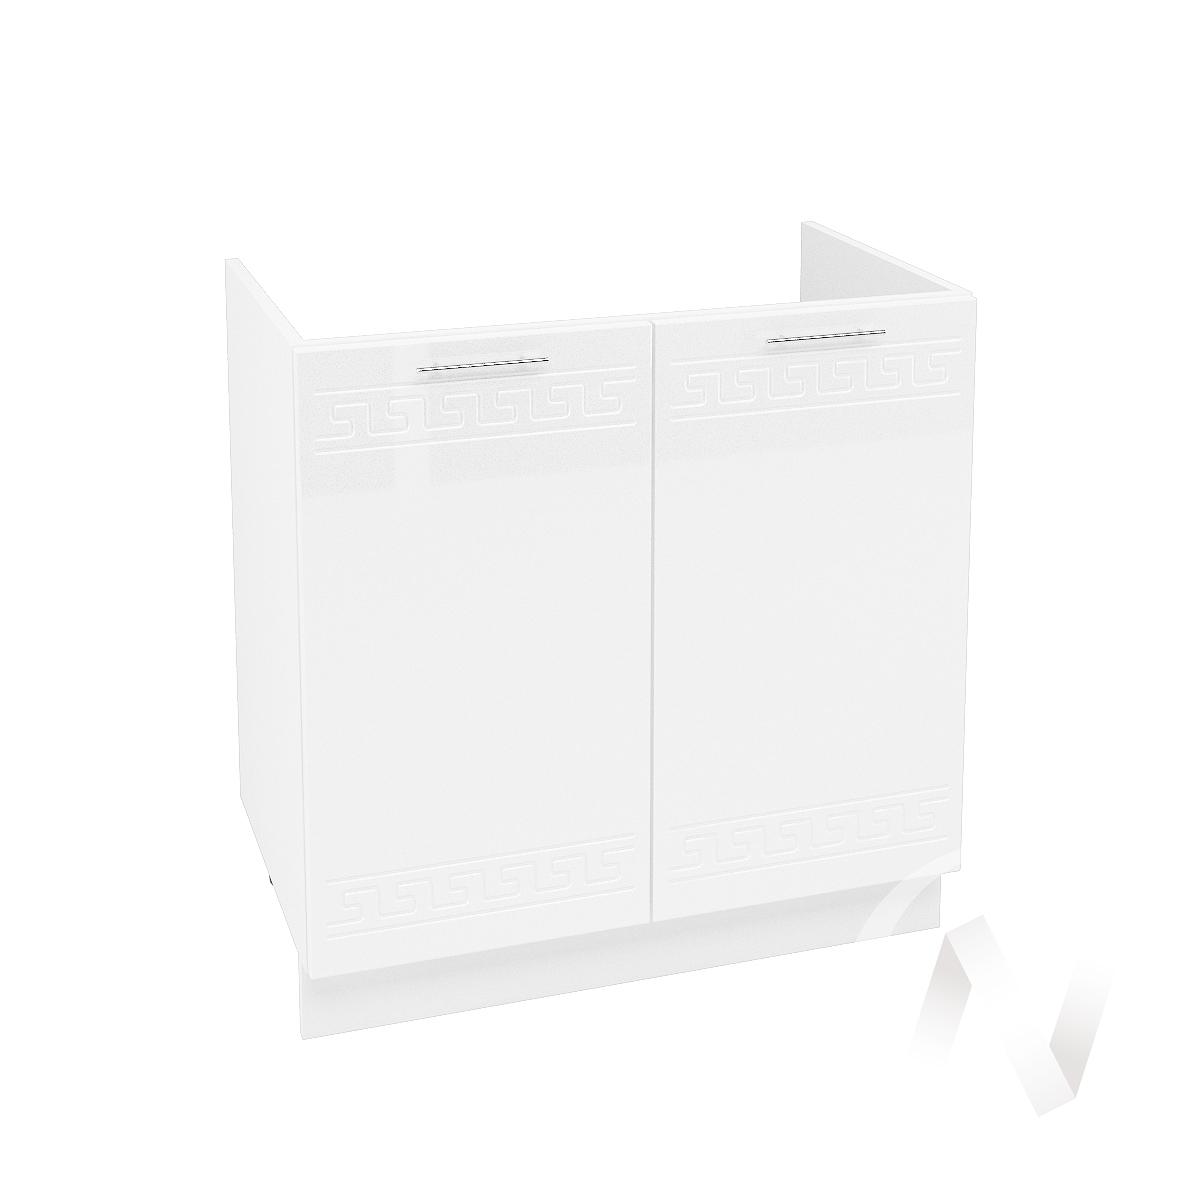 """Кухня """"Греция"""": Шкаф нижний под мойку 800, ШНМ 800 новый (белый металлик/корпус белый)"""